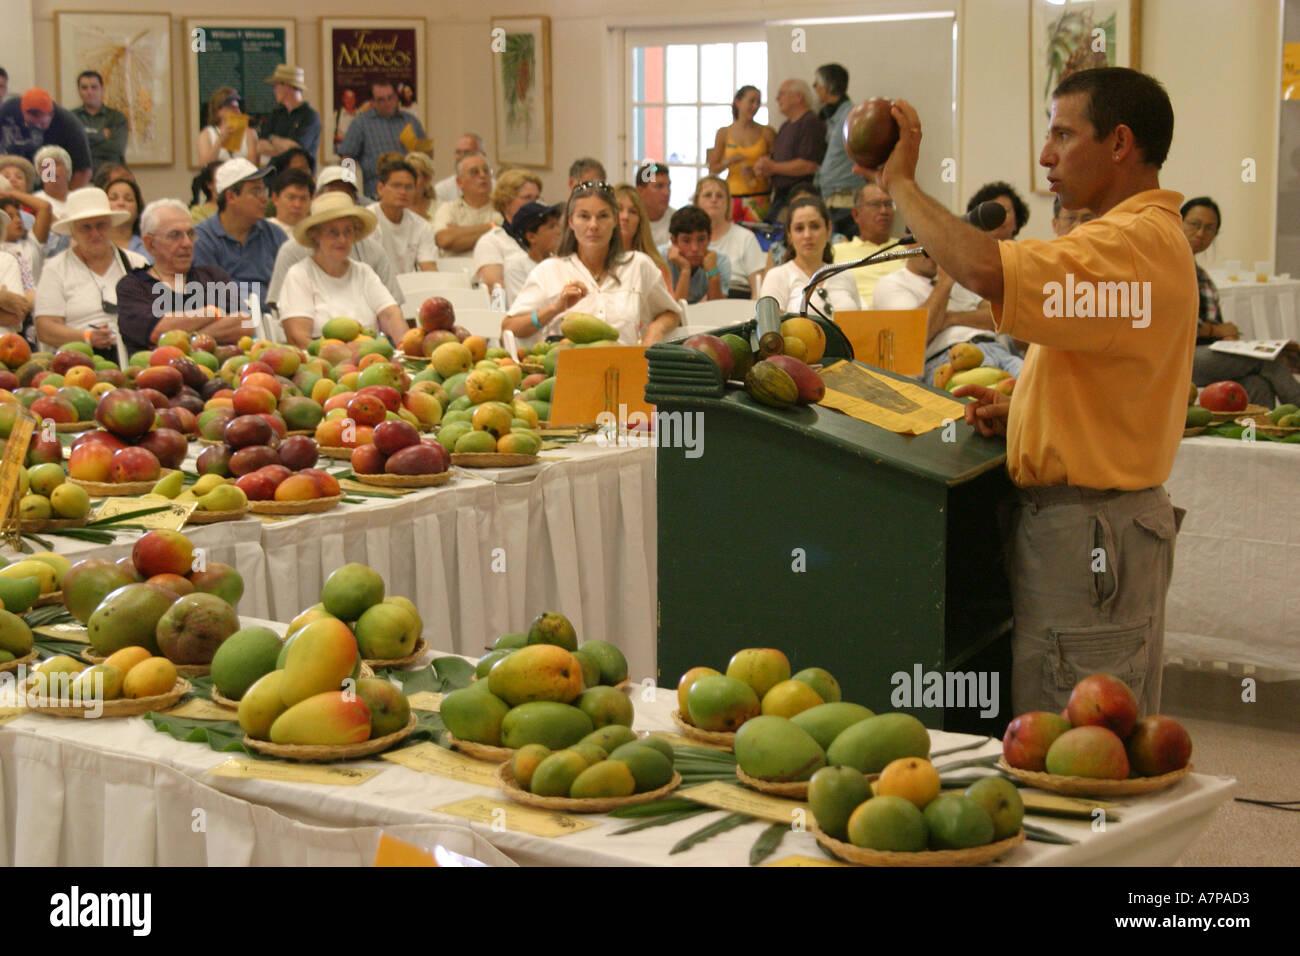 Fairchild Tropical Botanic Garden Miami Stock Photos & Fairchild ...